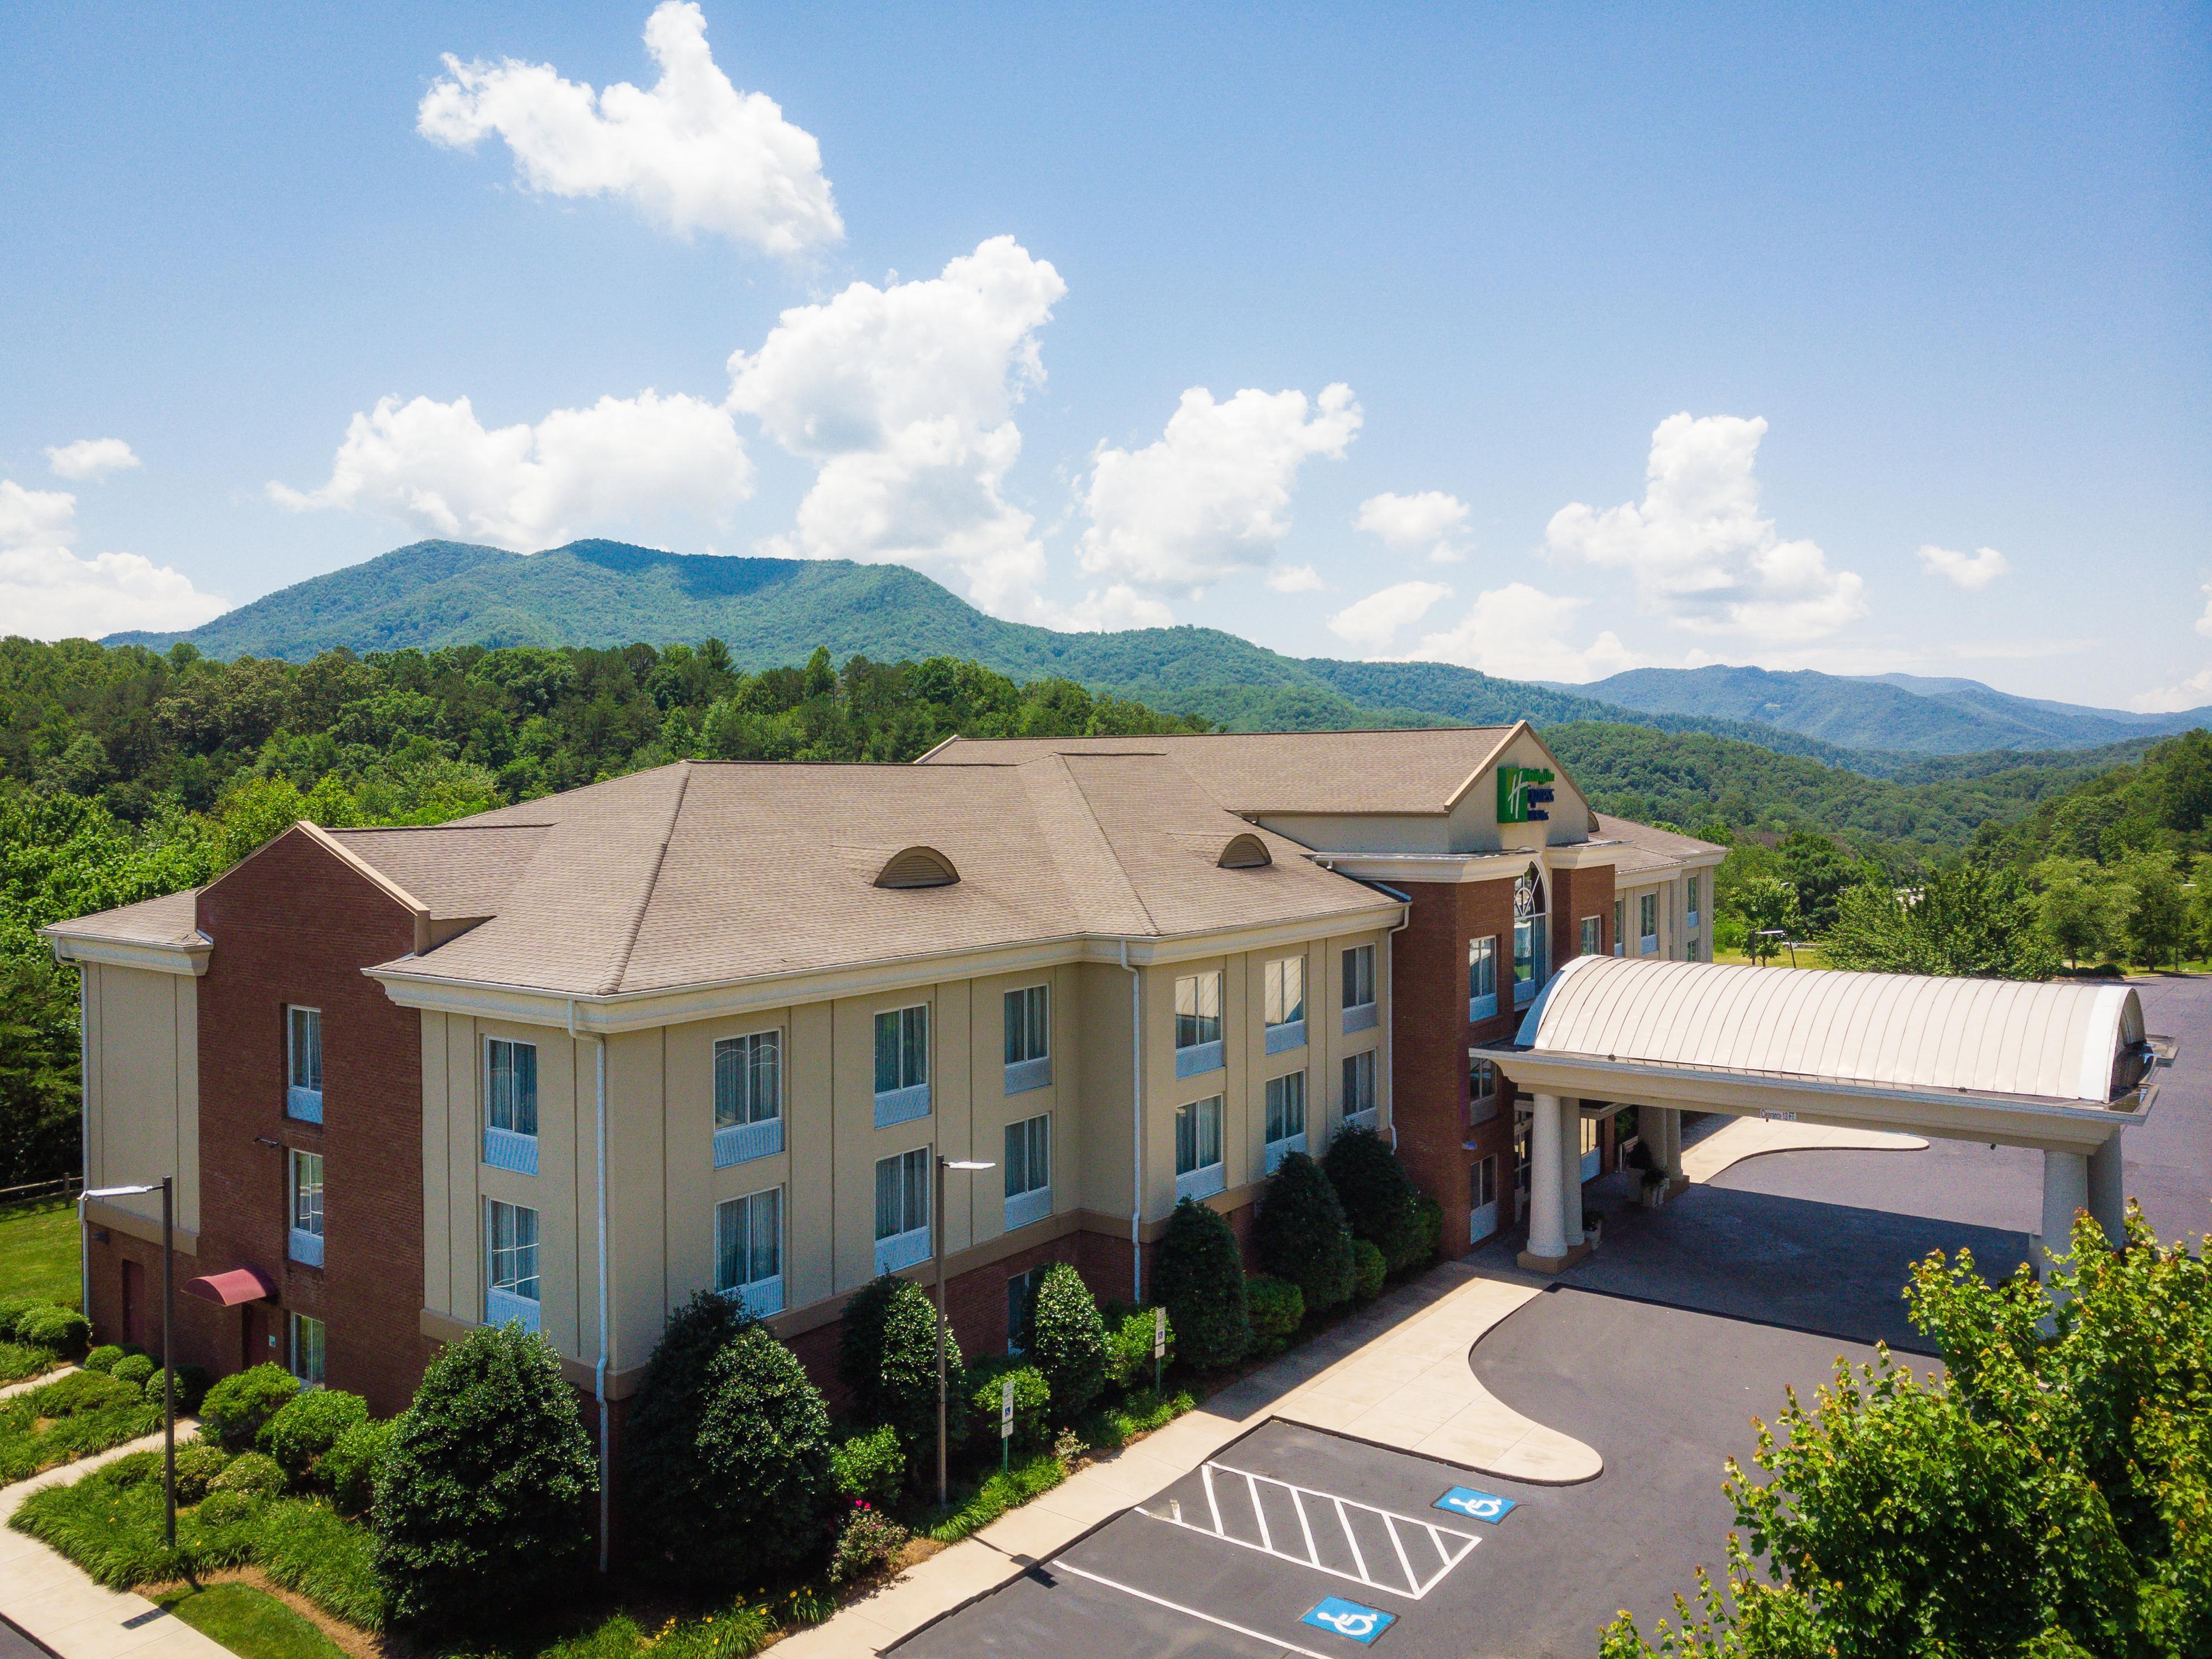 Hotels In Sylva, NC | Holiday Inn Express & Suites Sylva